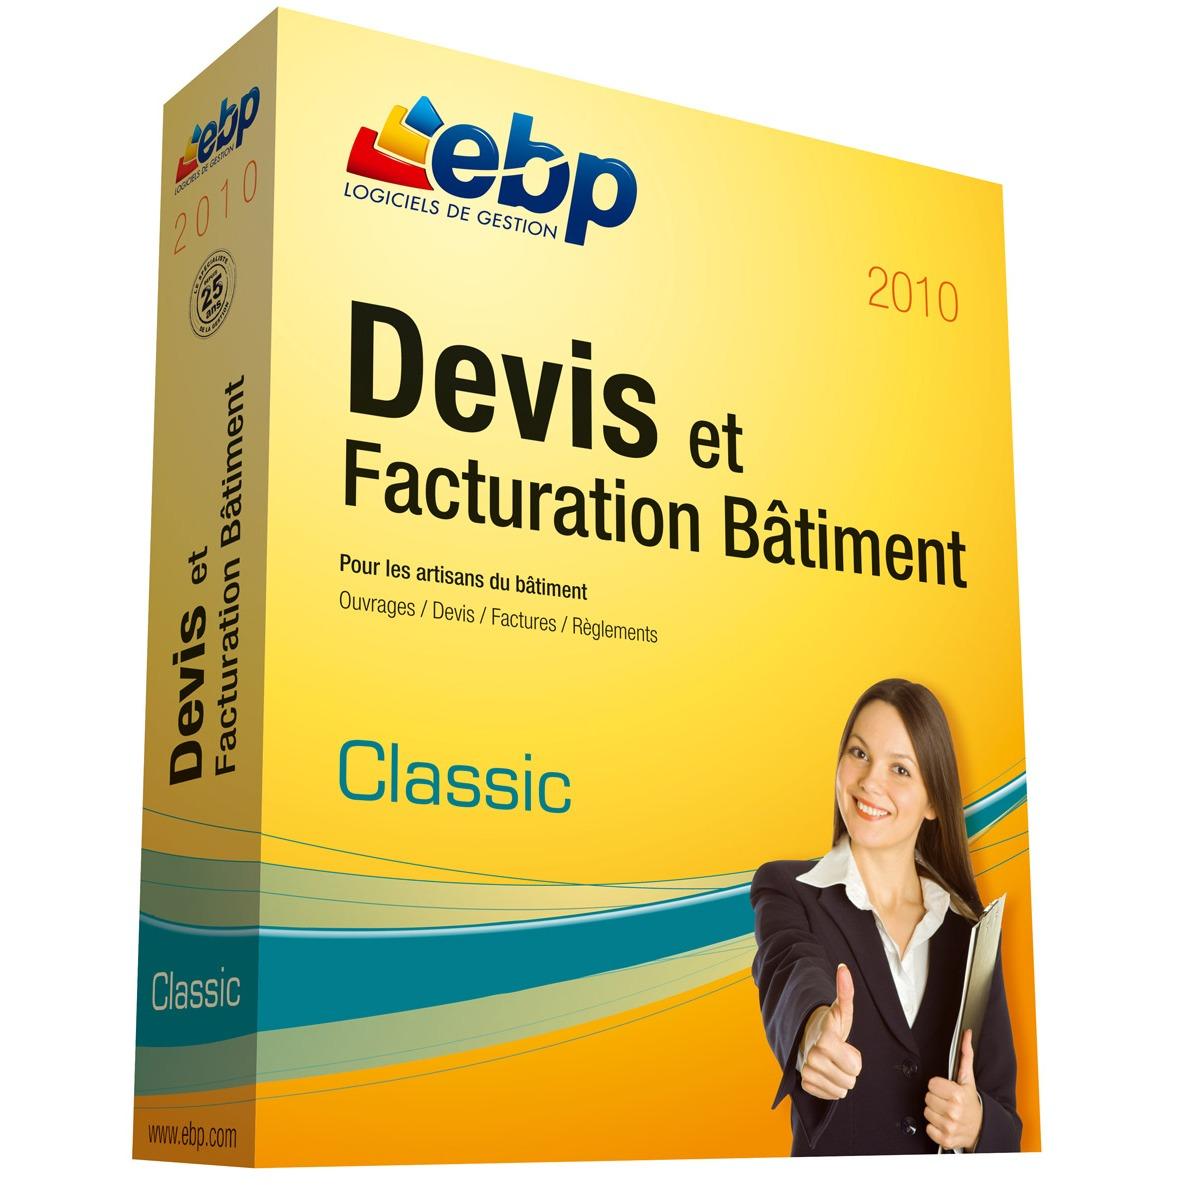 ebp devis et facturation btiment classic 2010